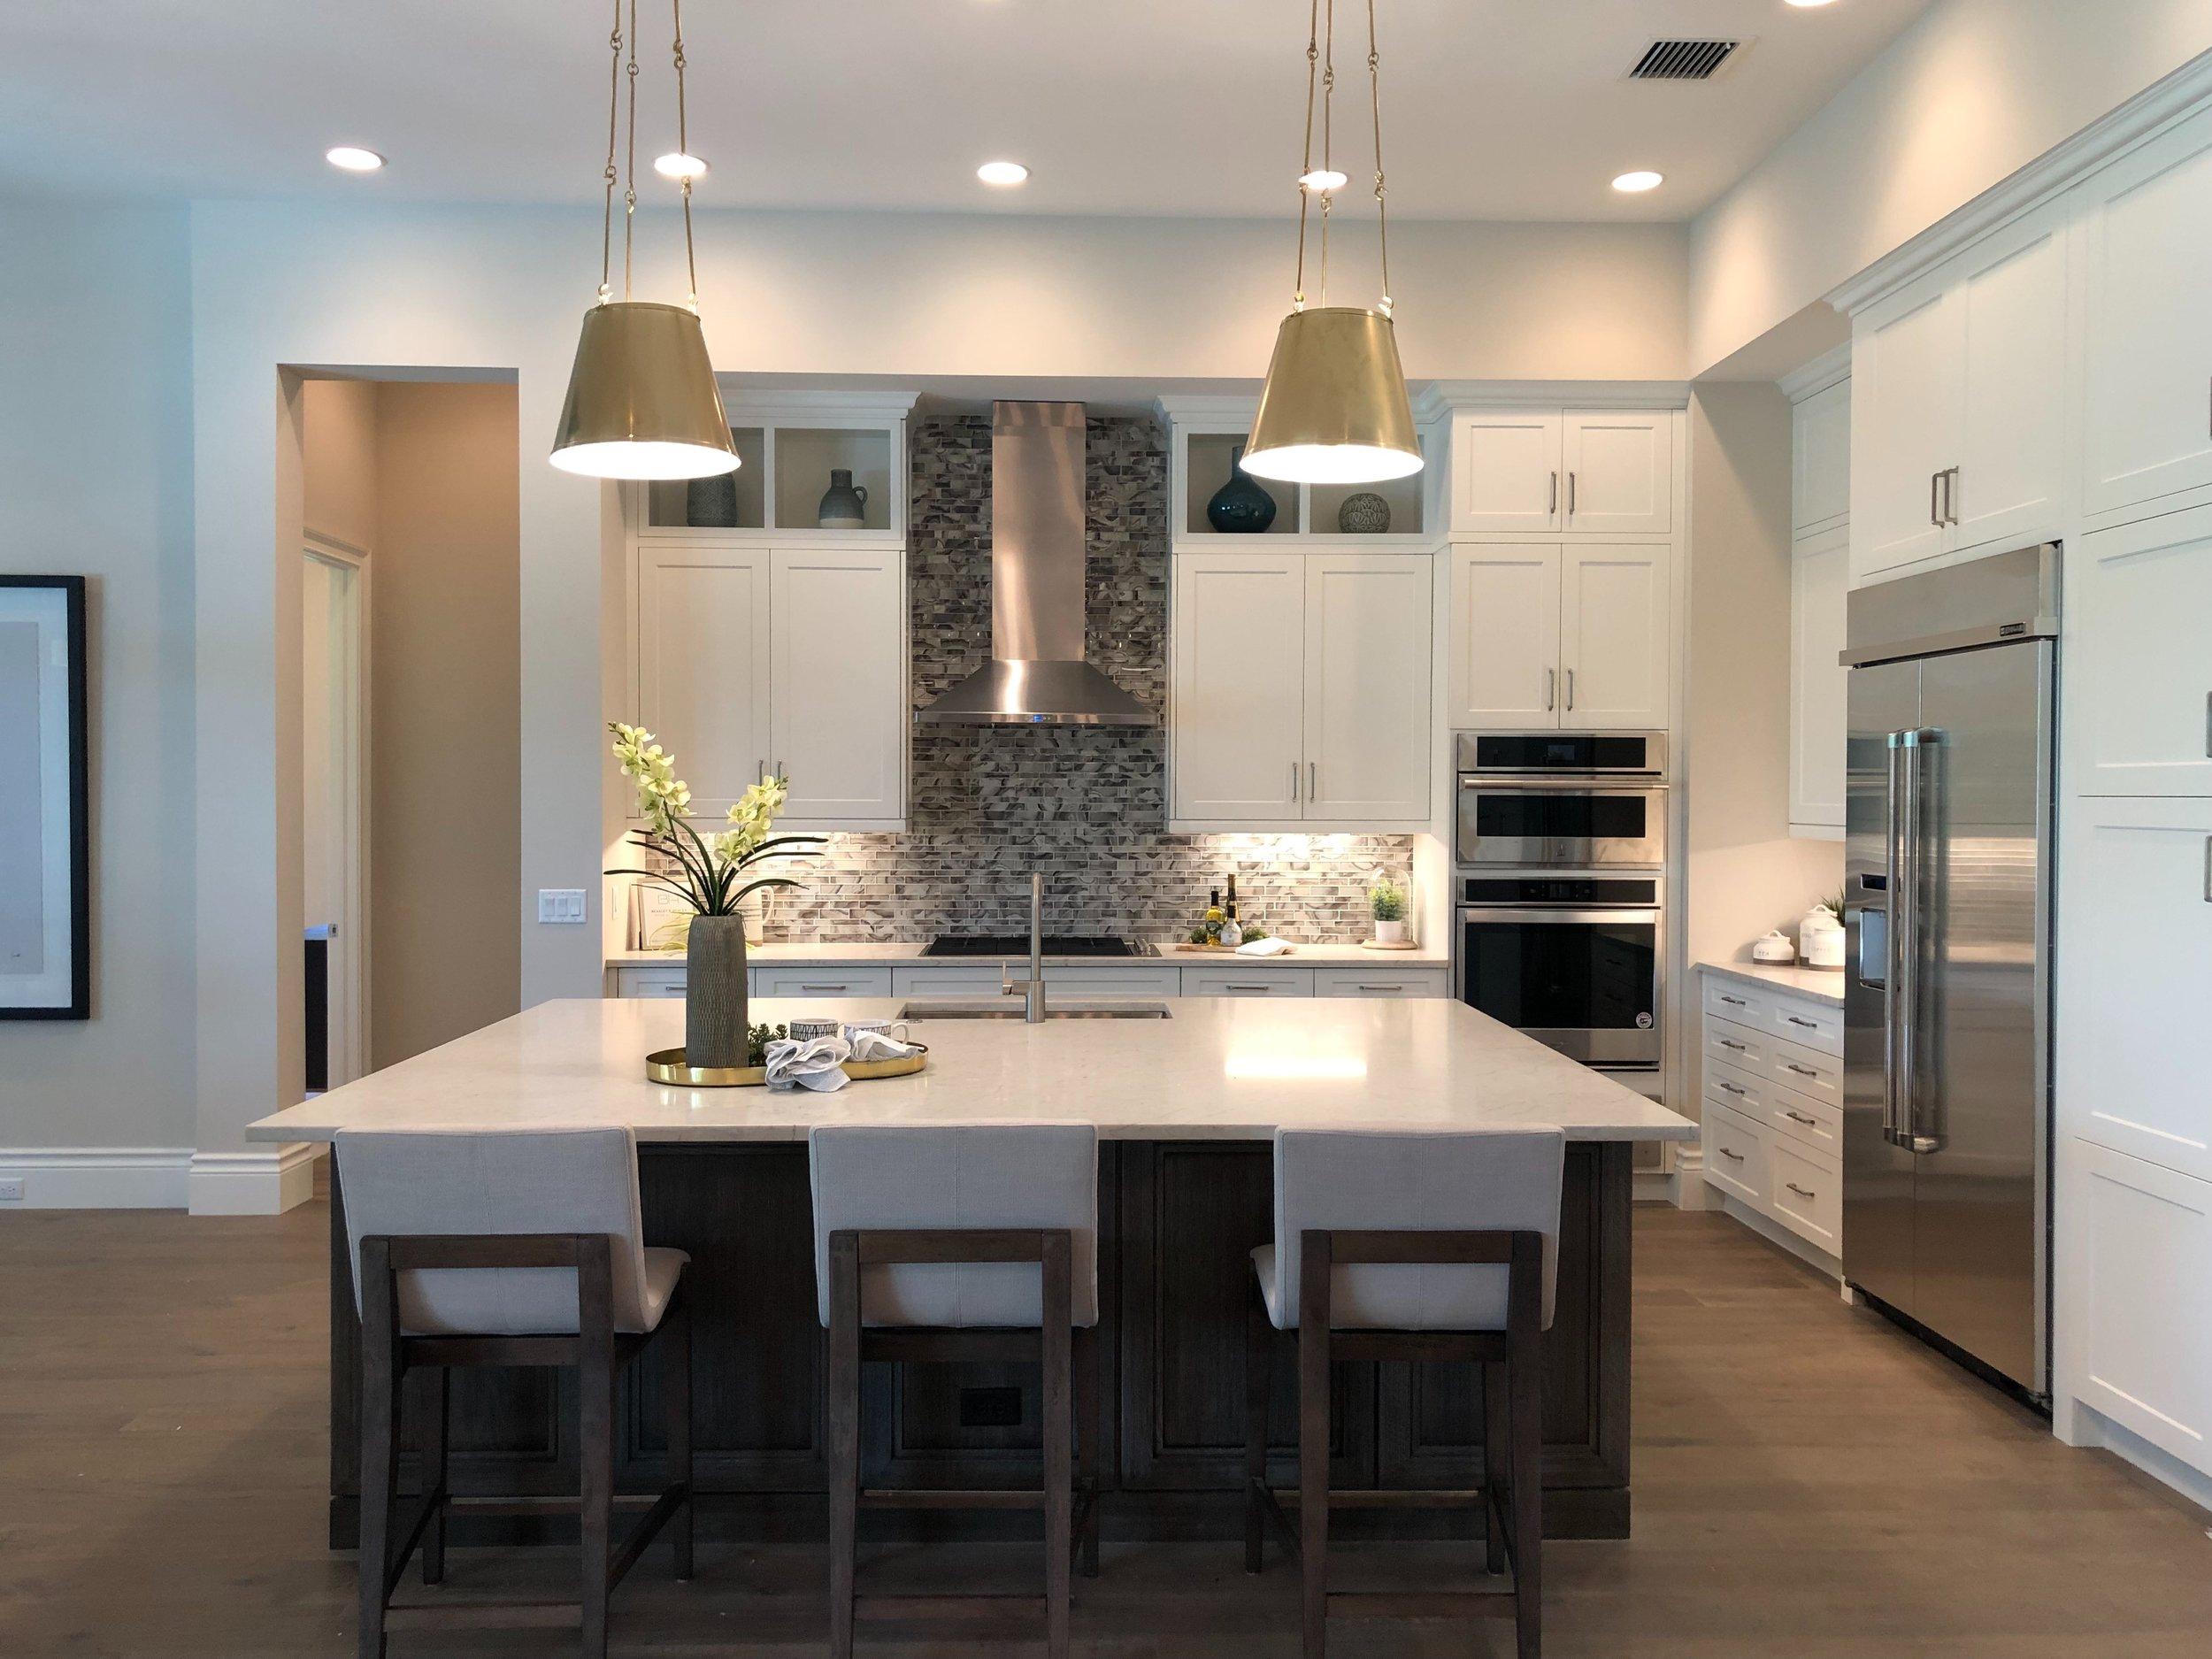 Clairborne_kitchendesign.jpg